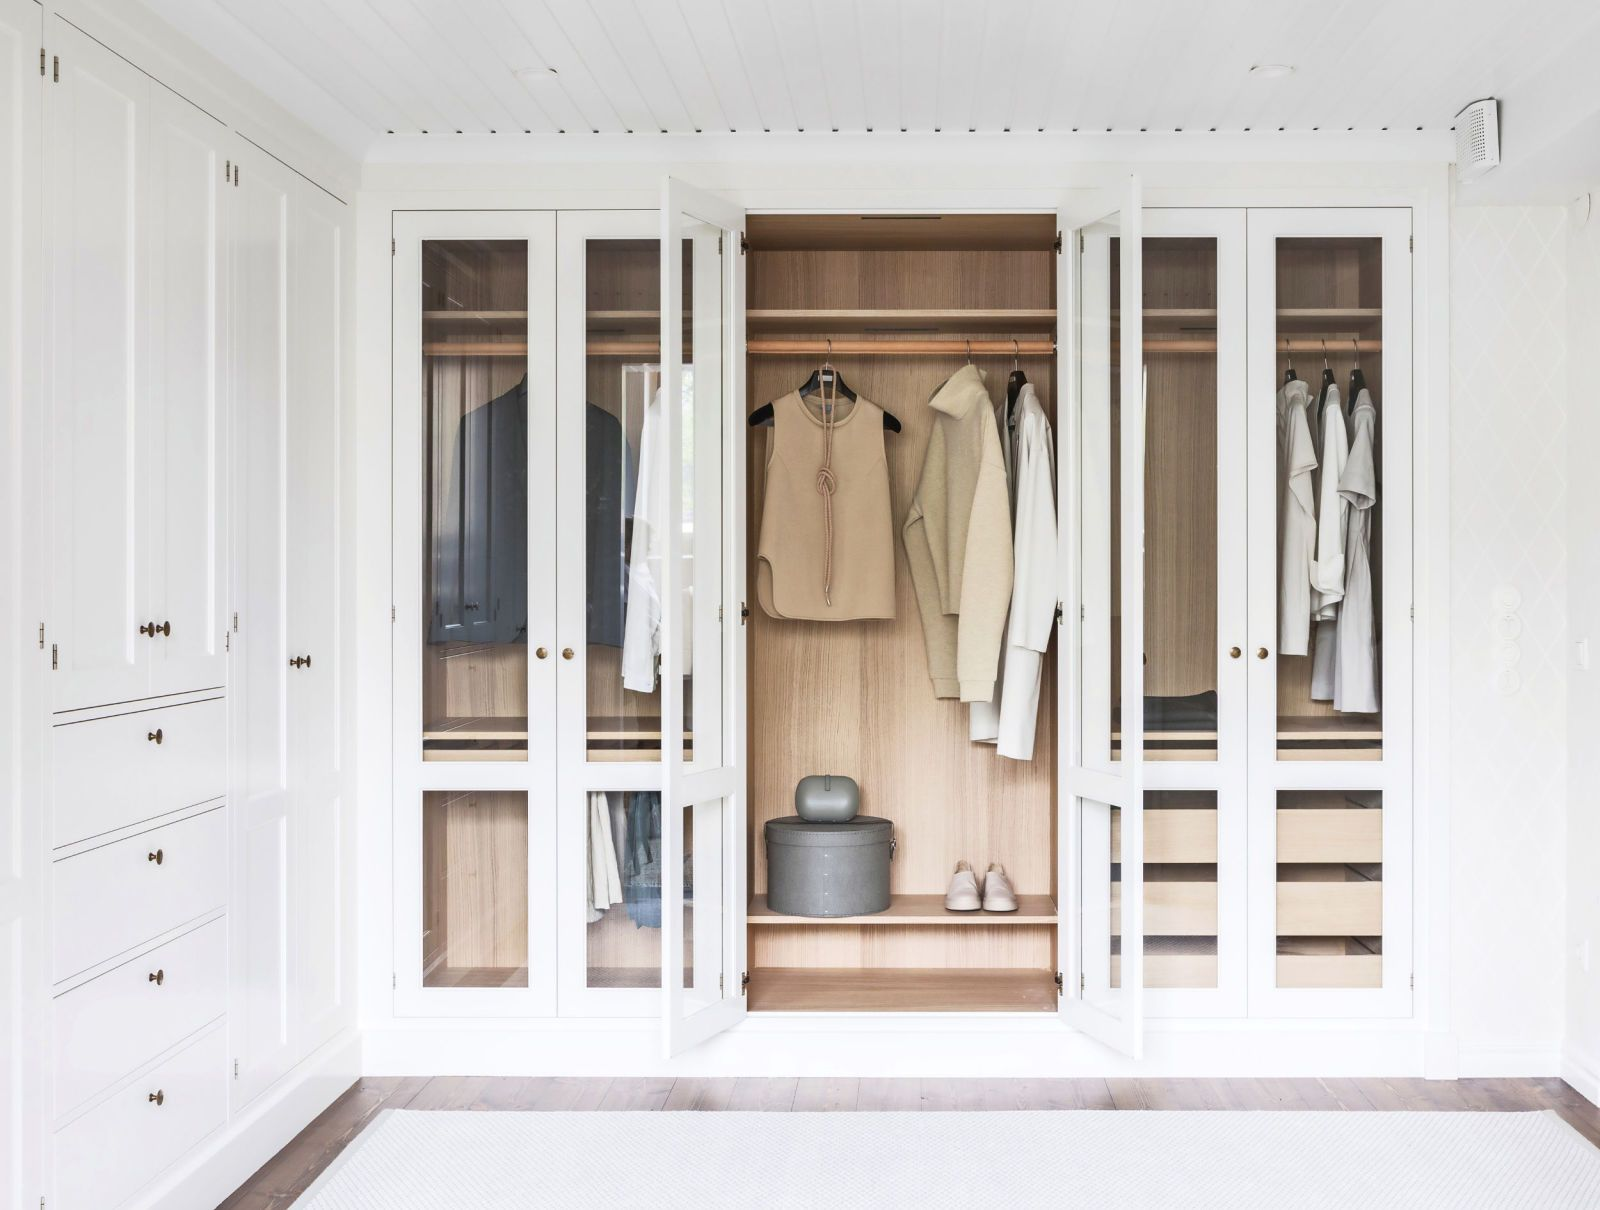 vit-garderob-med-bade-sluten-och-oppen-fo-rvaring-fra-n-kvanum-6005508-elle-decoration